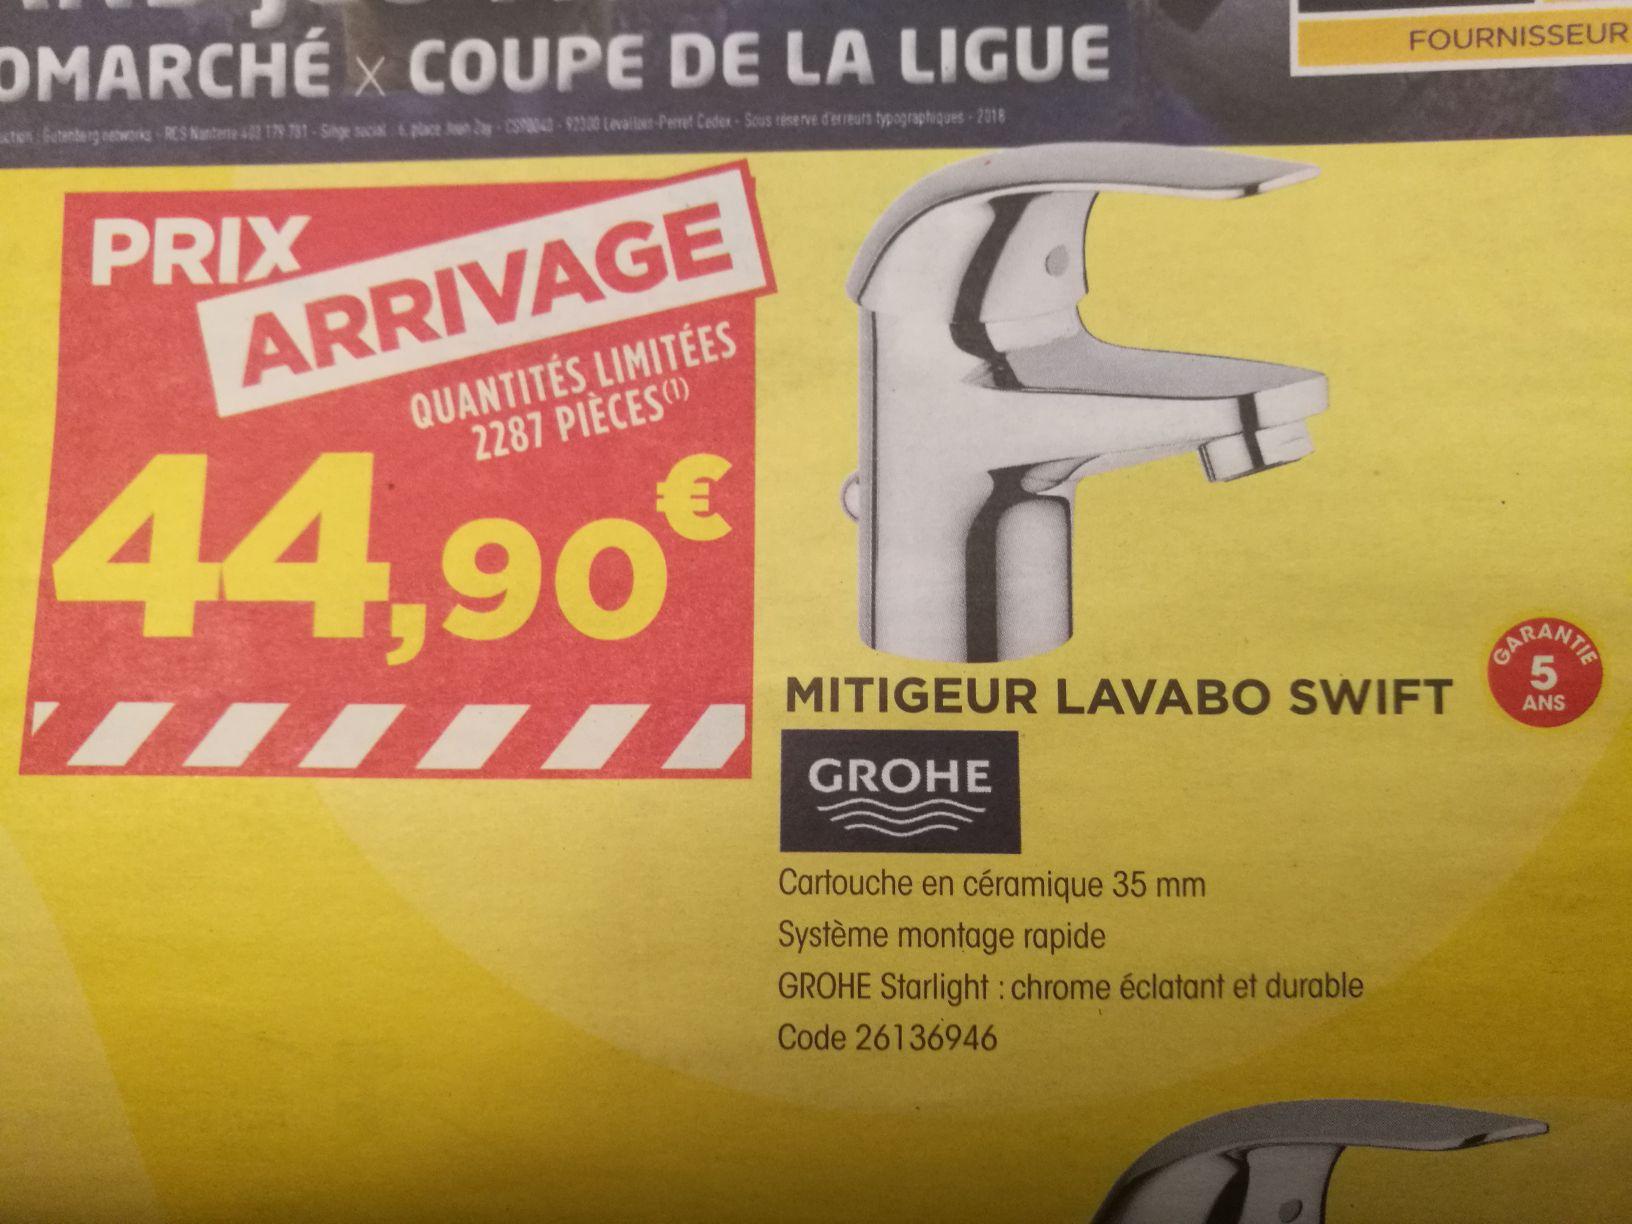 Sélection de produits en promotion - Ex: Mitigeur lavabo Grohe Swift